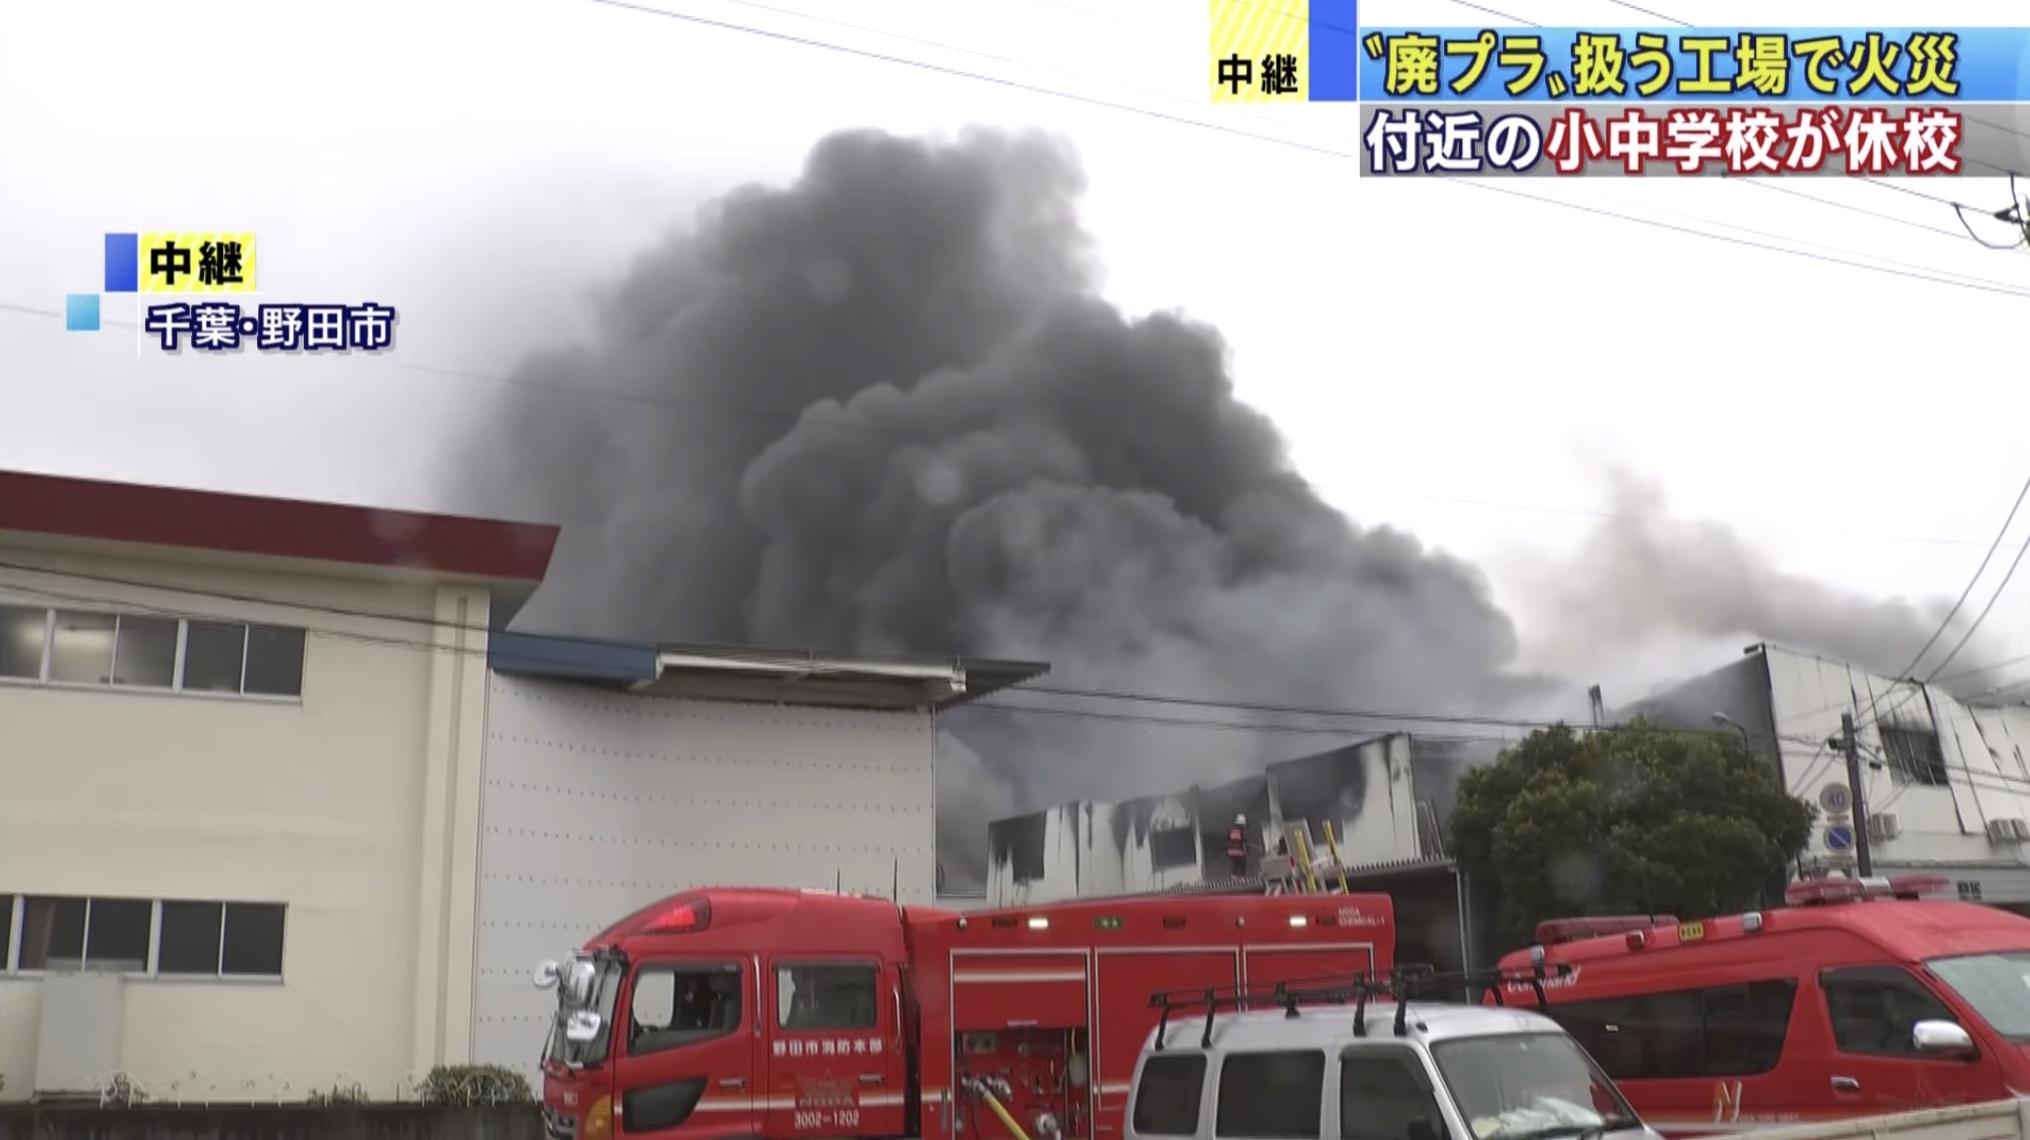 5時間経つも延焼中 工場火災で周辺の学校は休校に